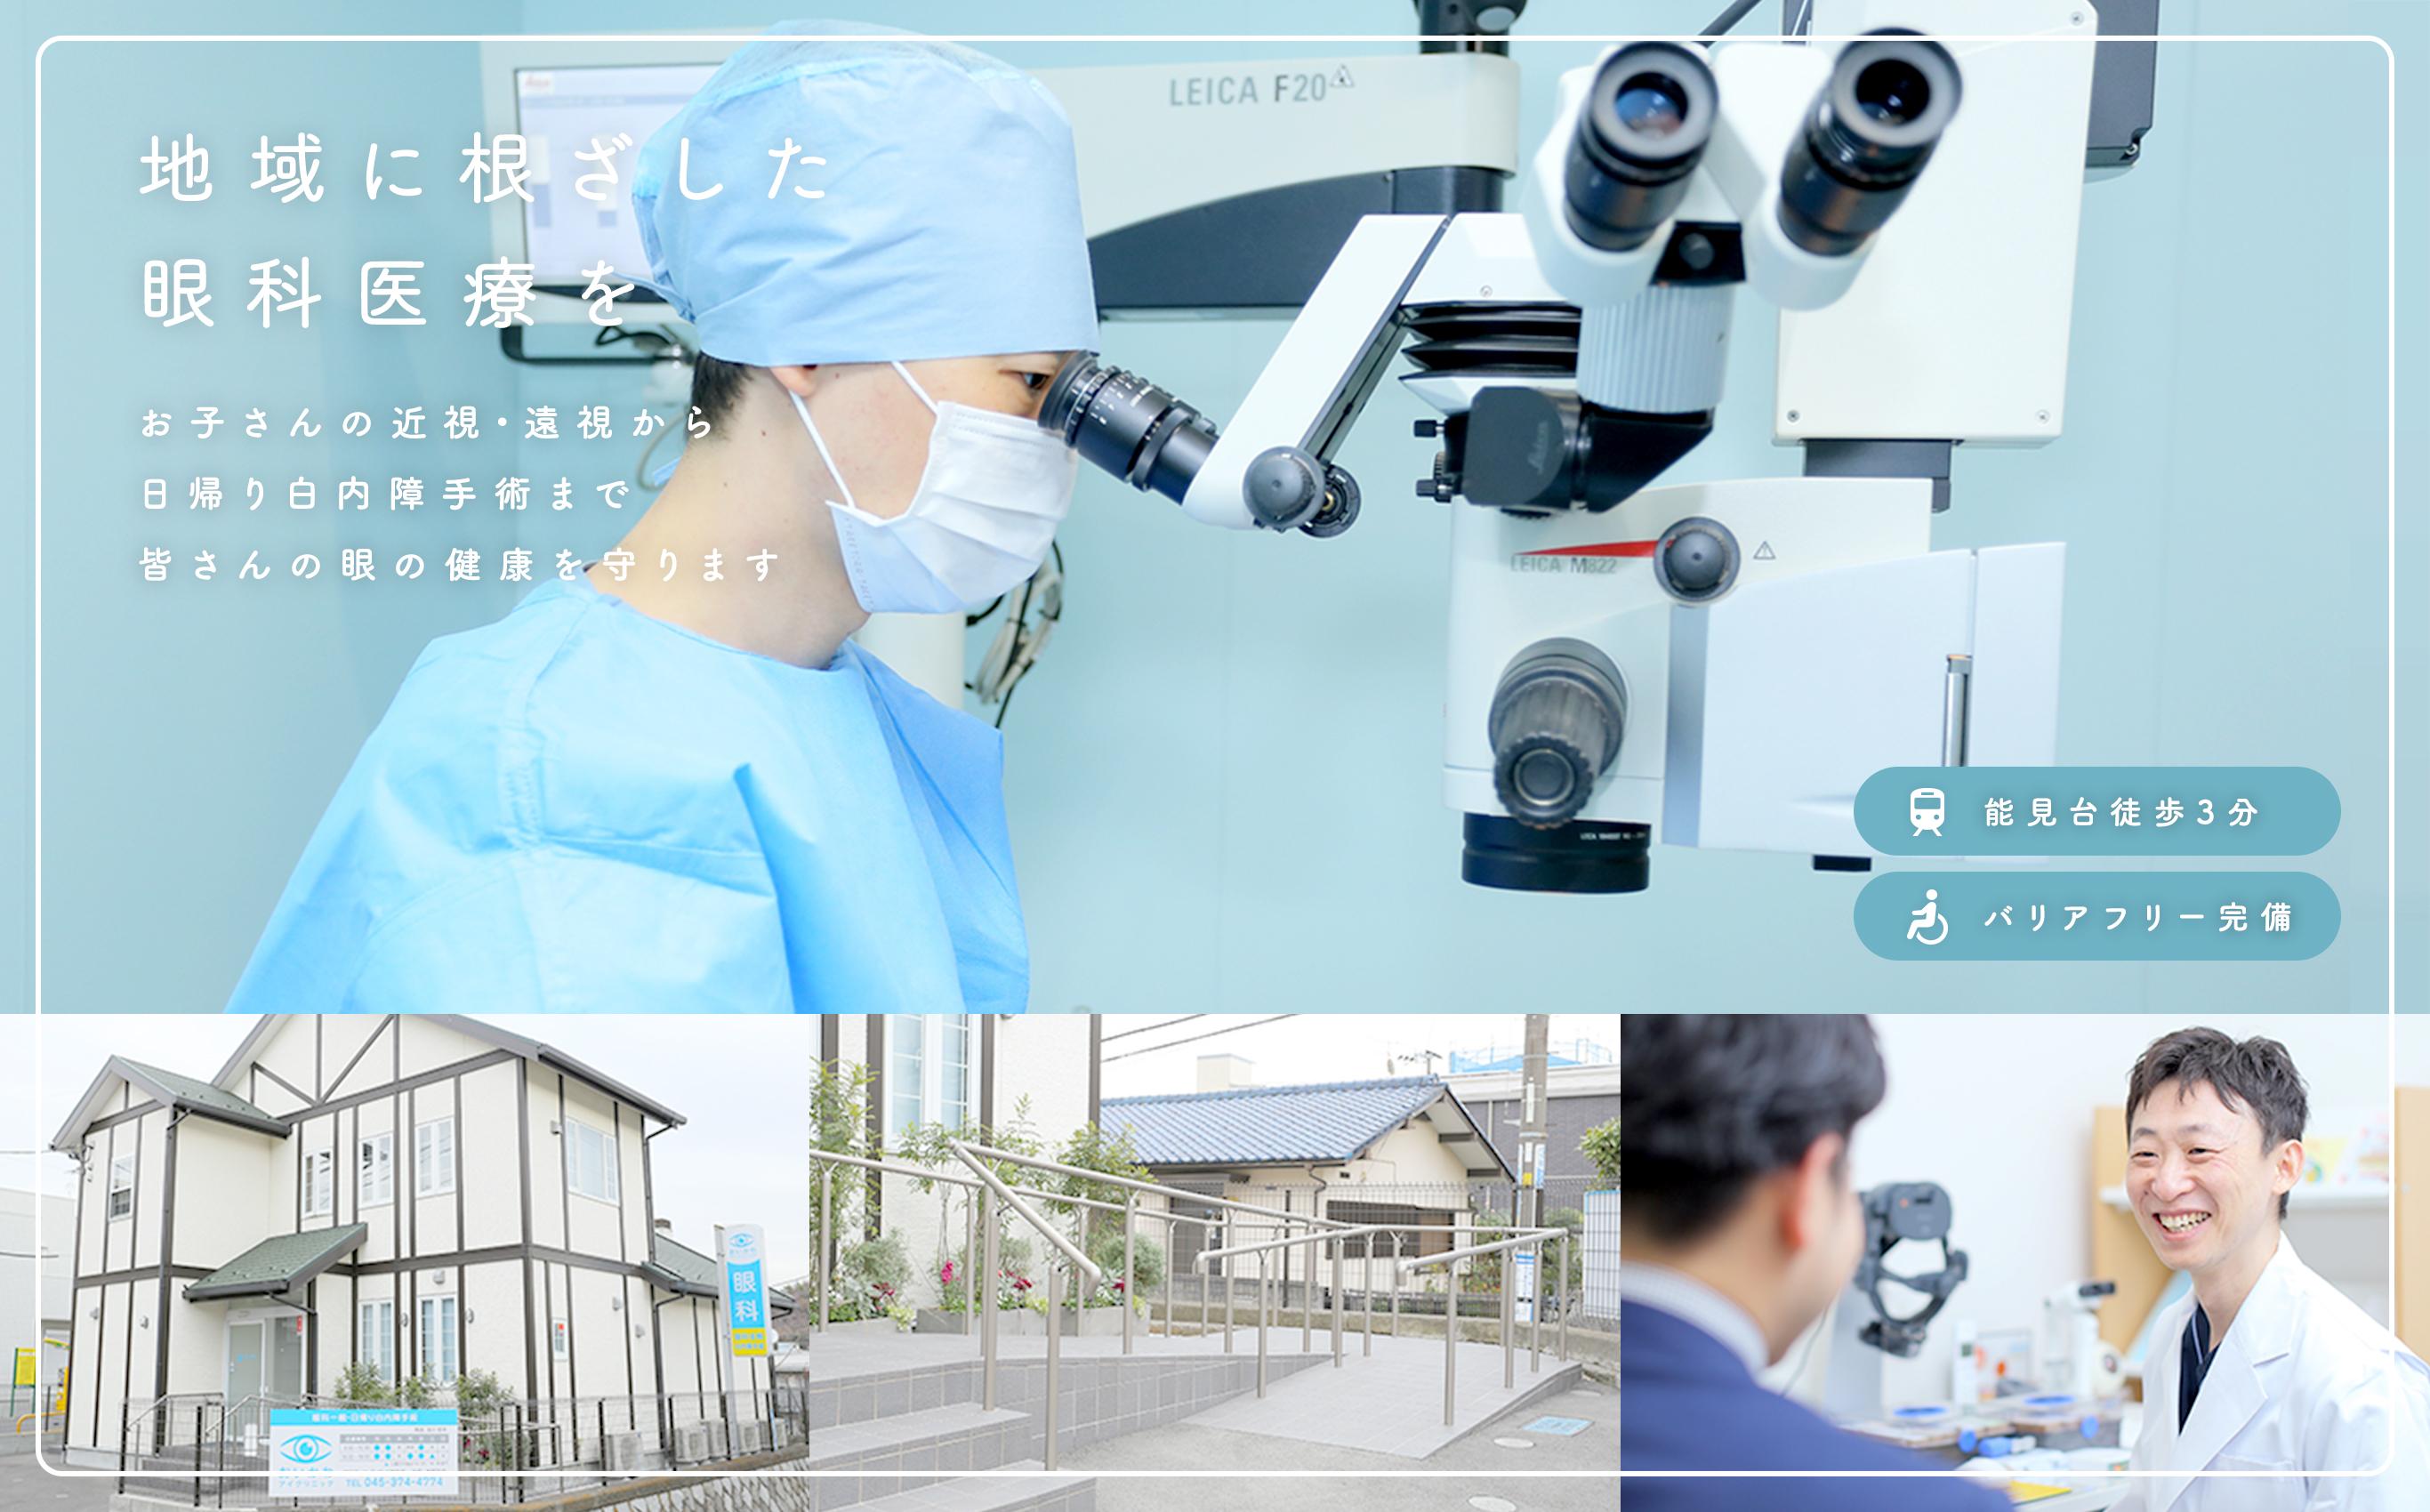 地域に根ざした眼科医療を お子さんの近視・遠視から日帰り白内障手術まで、皆さんの眼の健康を守ります 能見台徒歩3分 バリアフリー完備